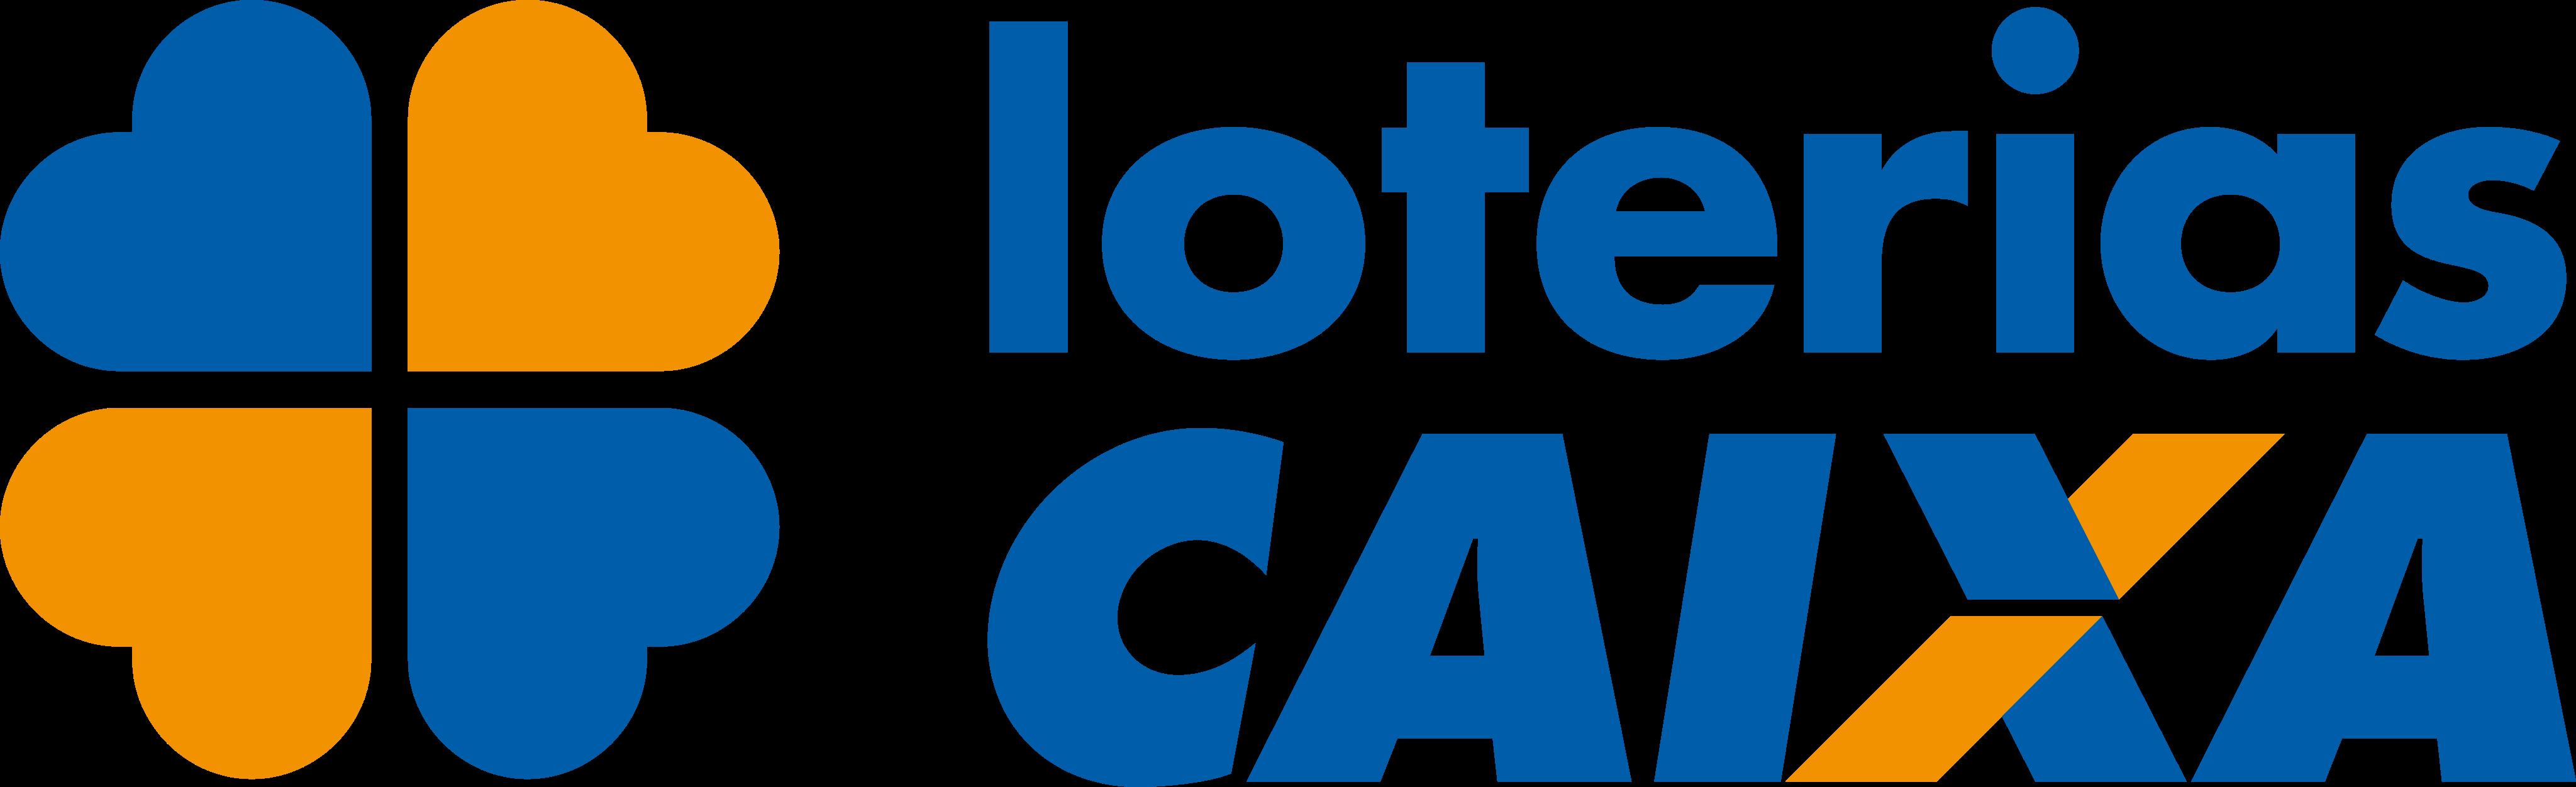 loterias caixa logo 1 - Loterias Caixa Logo